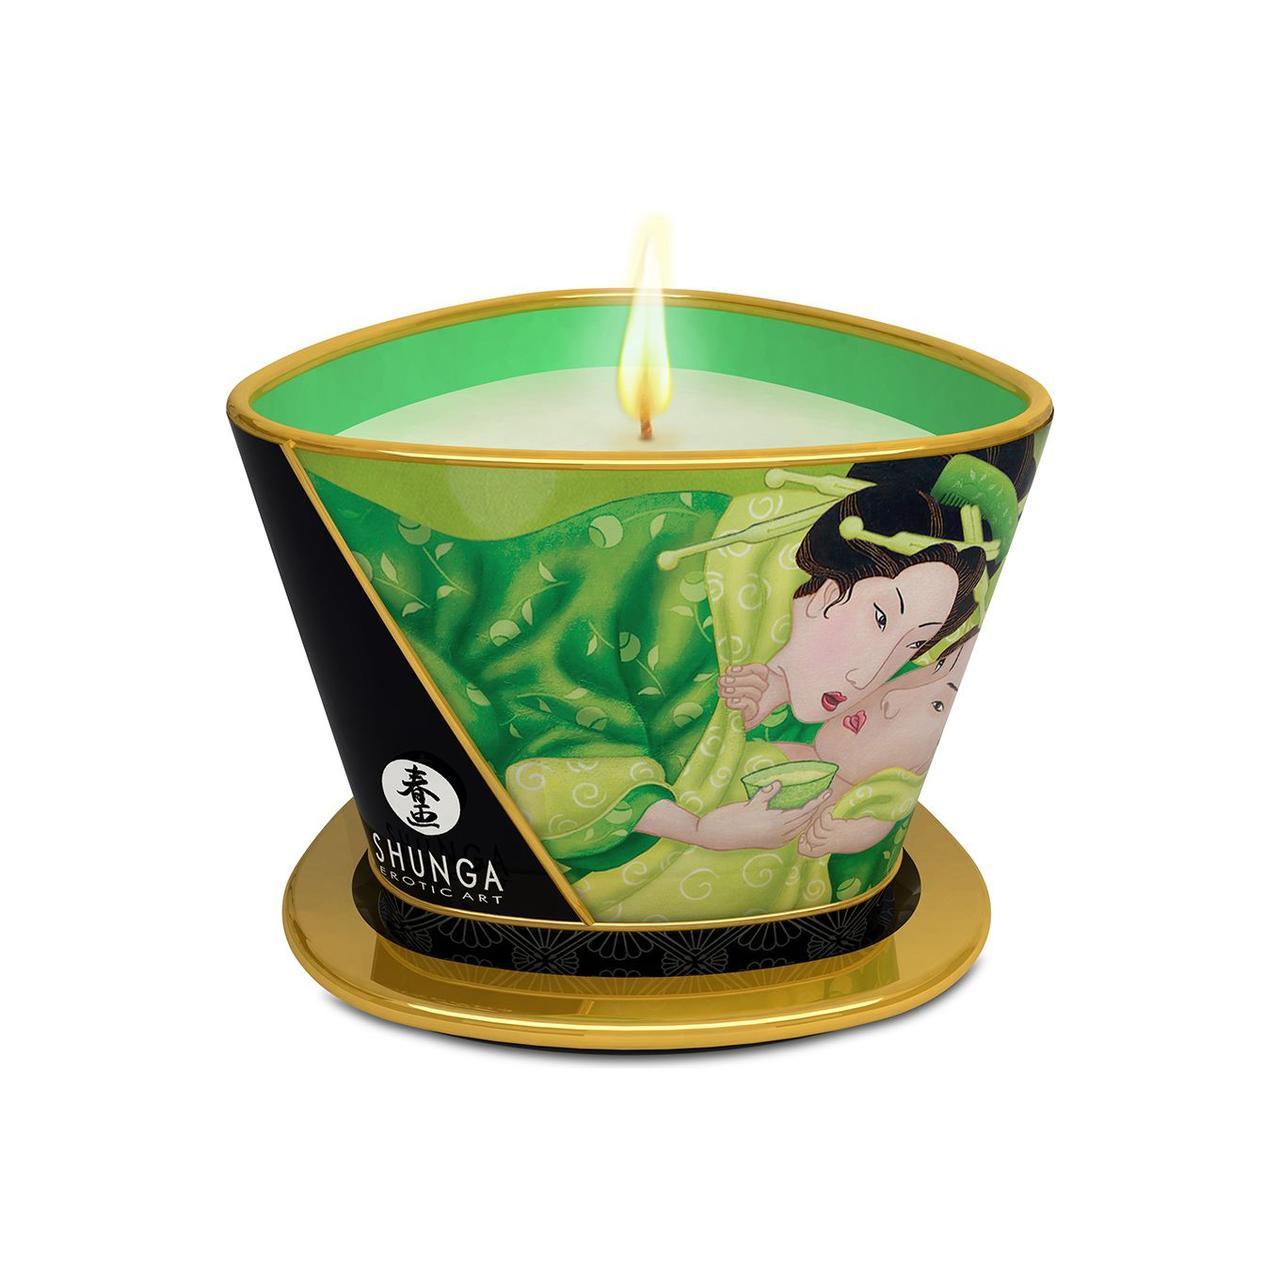 Массажная свеча Shunga MASSAGE CANDLE - Exotic Green Tea (170 мл)